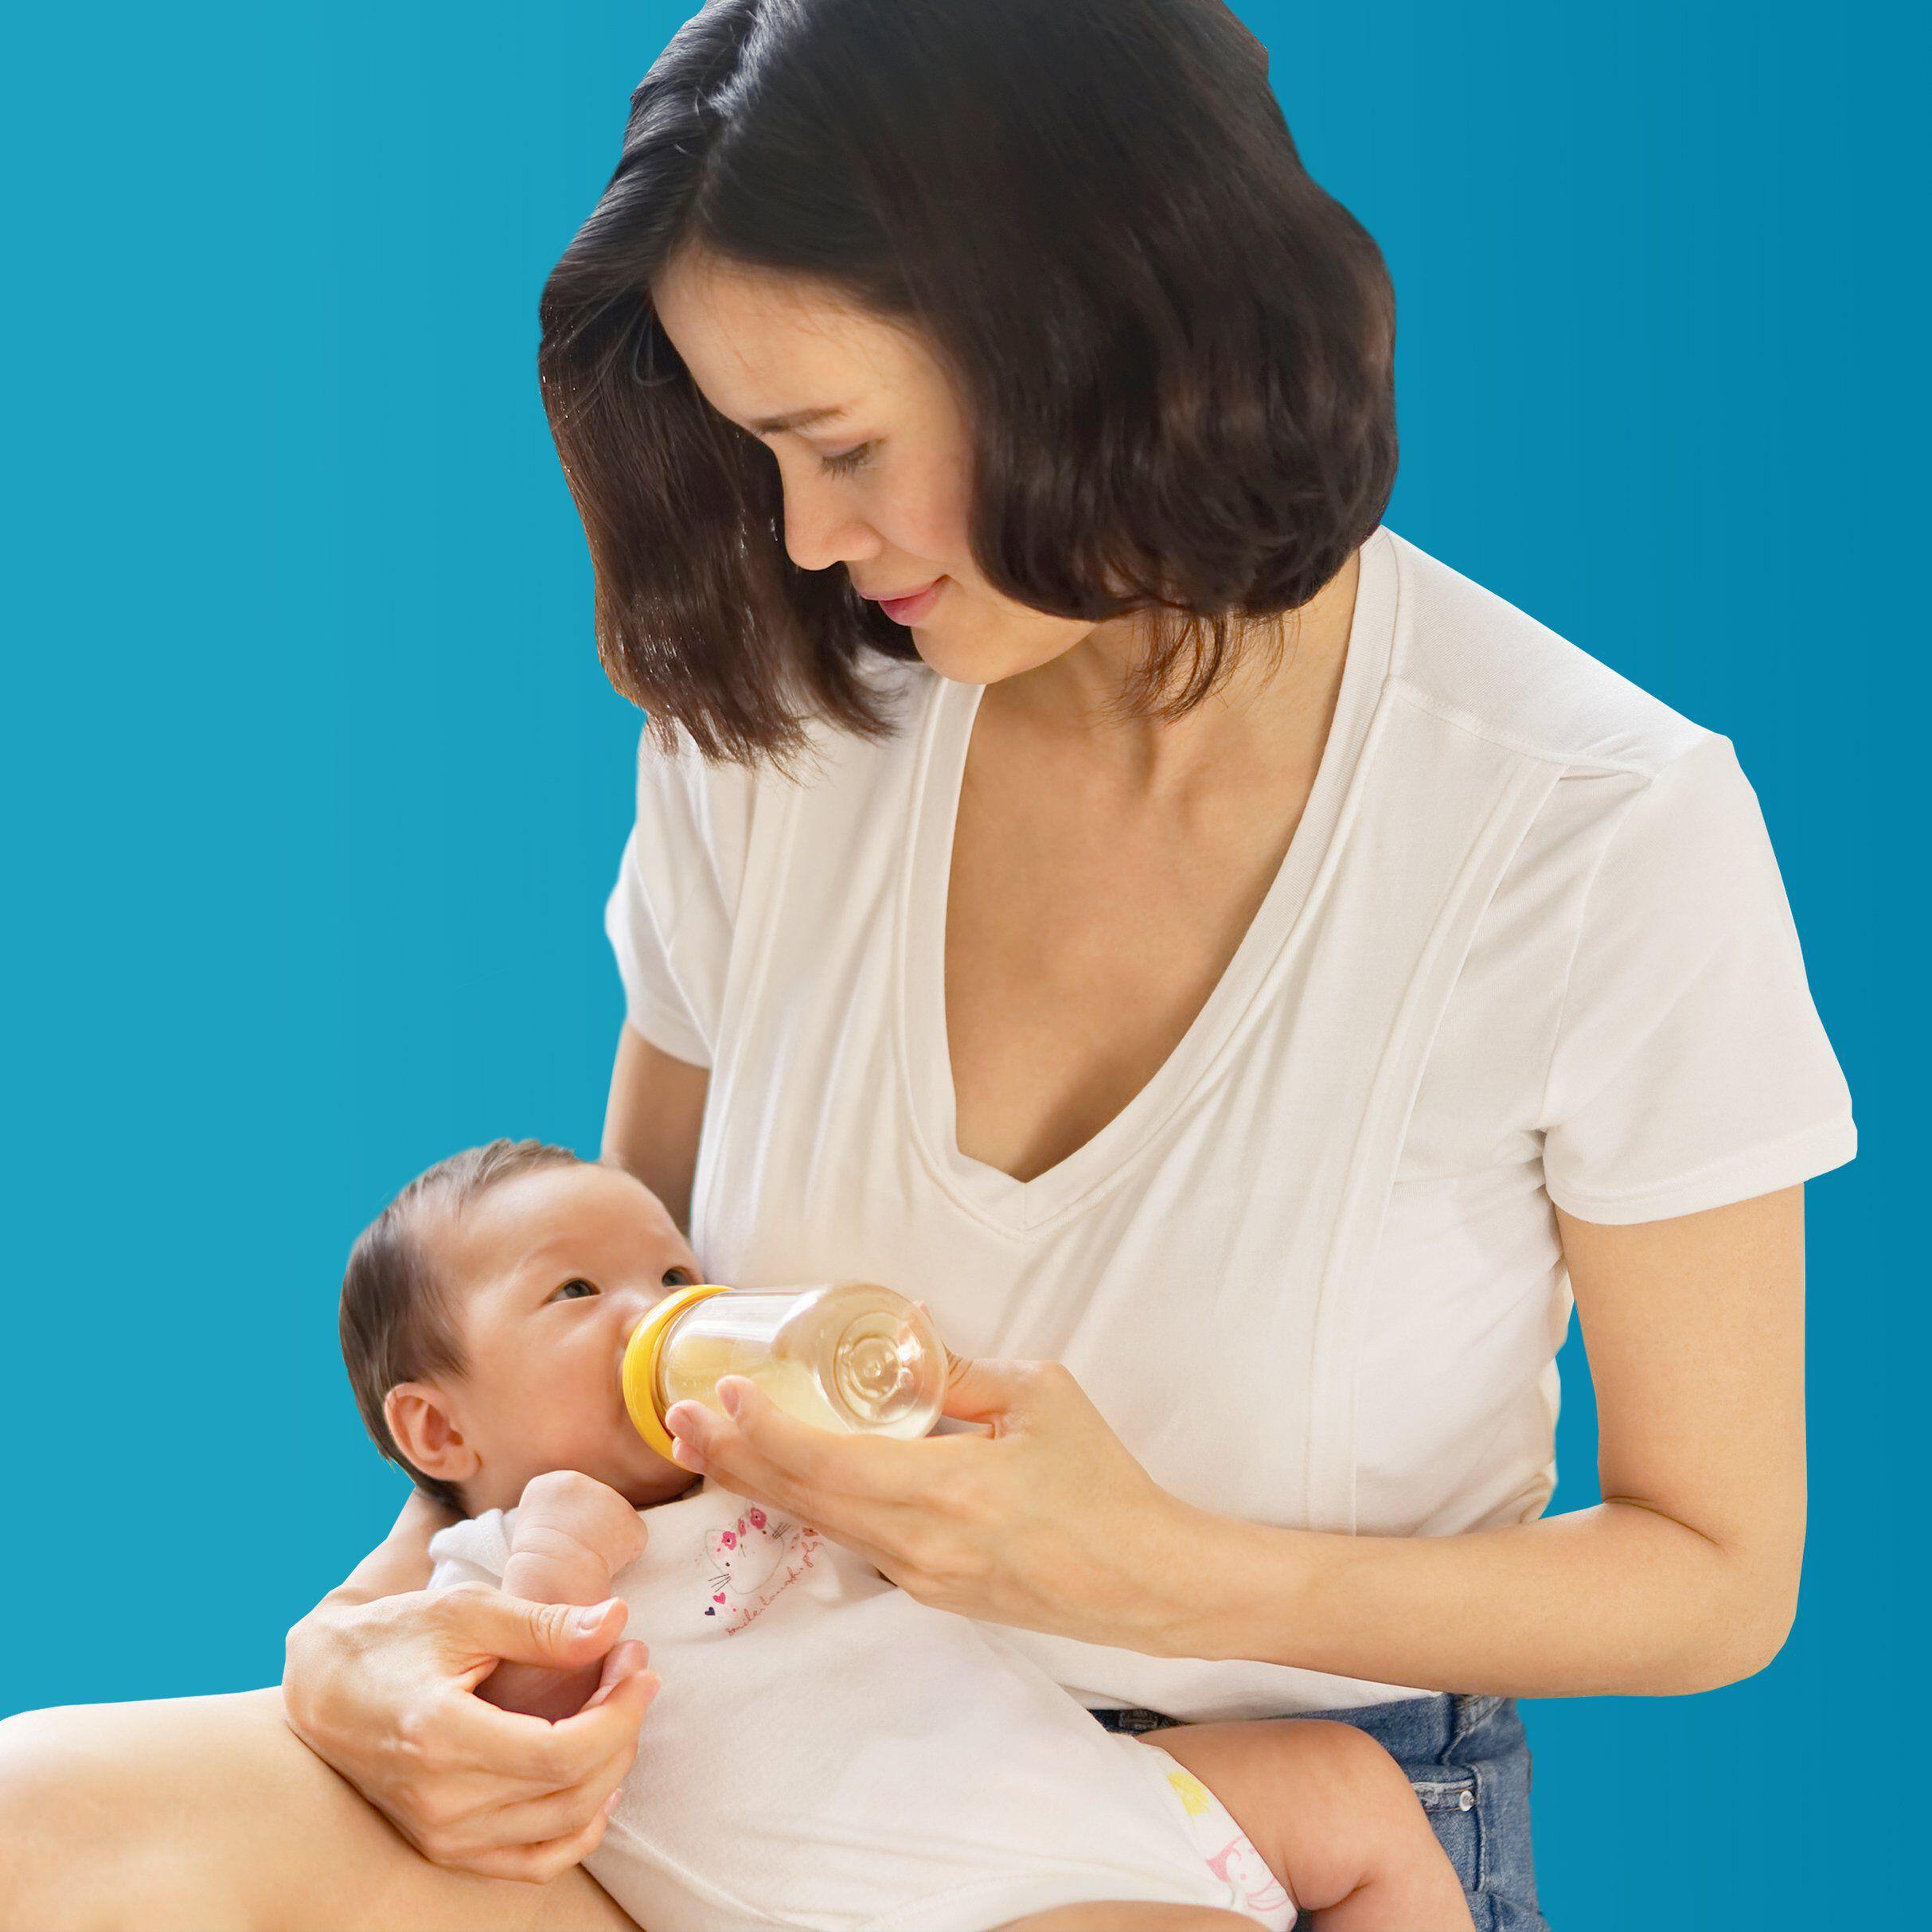 mother bottle feeding baby info tile